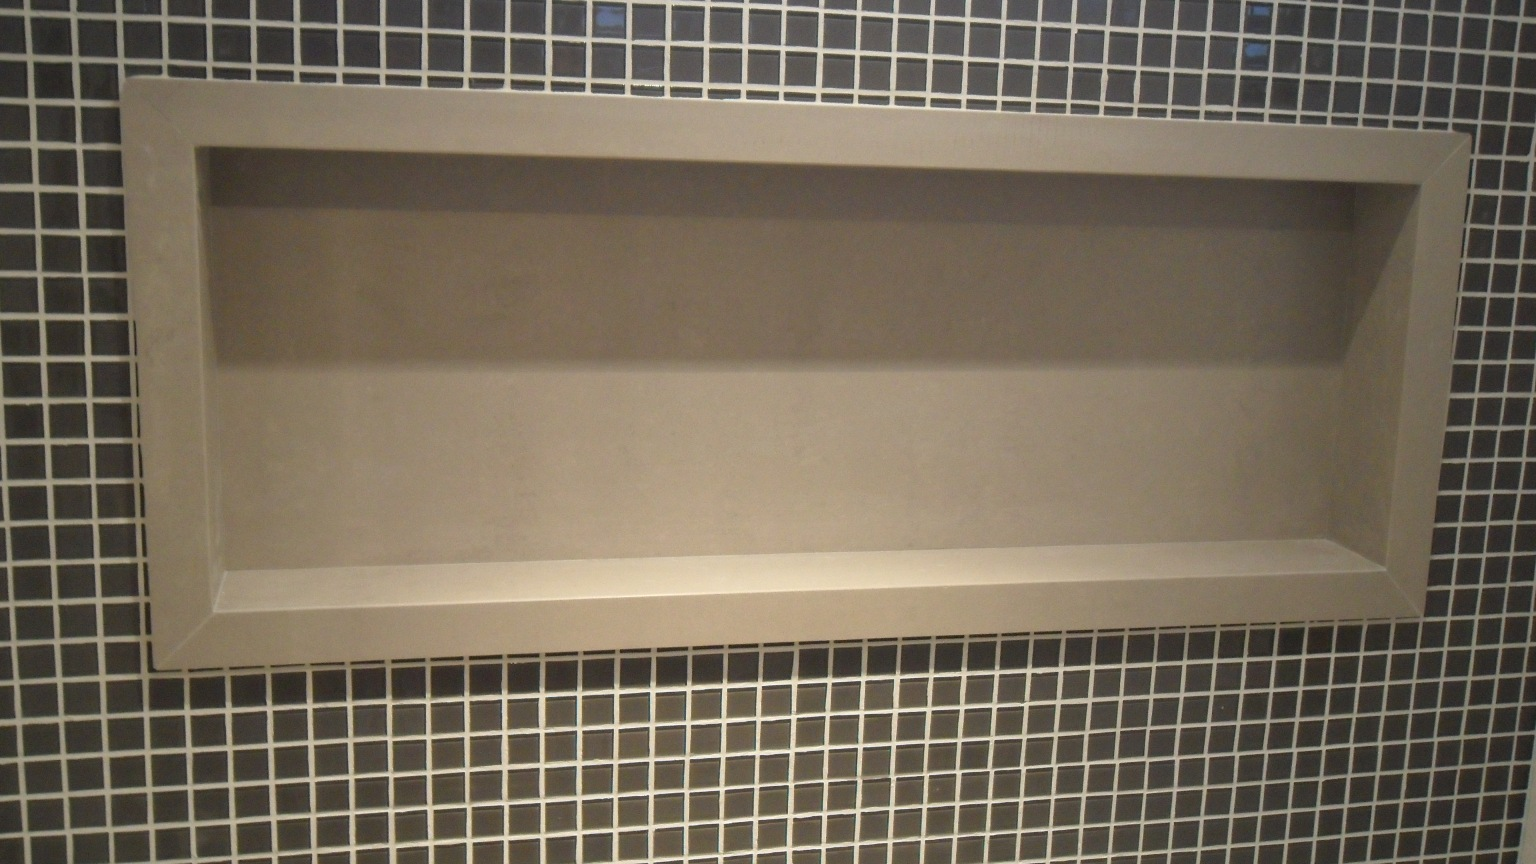 .: Bancada e Nicho Porcelanato Portinari por Bel Taglio BT #826F49 1536x864 Banheiro Com Nicho Como Fazer